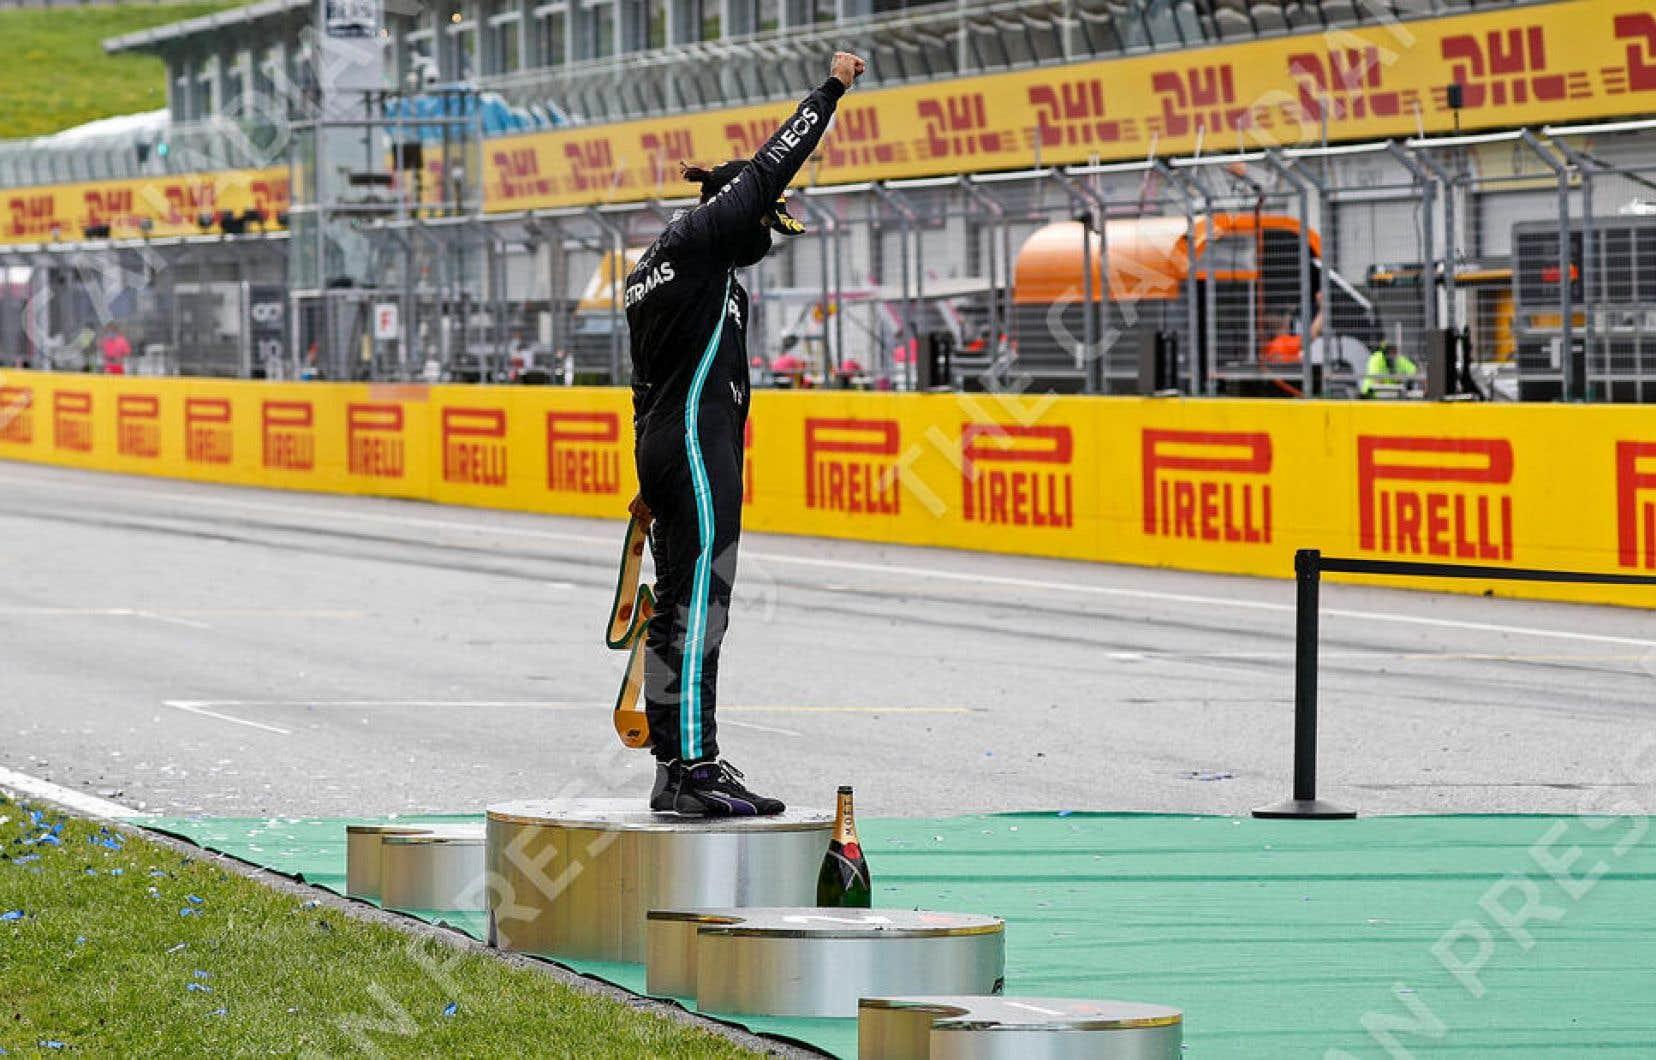 Après avoir remporté la course sur le circuit de Spielberg, dimanche, Lewis Hamilton est monté sur la plus haute marche du podium et a levé le poing en solidarité avec le mouvement Black Lives Matter.